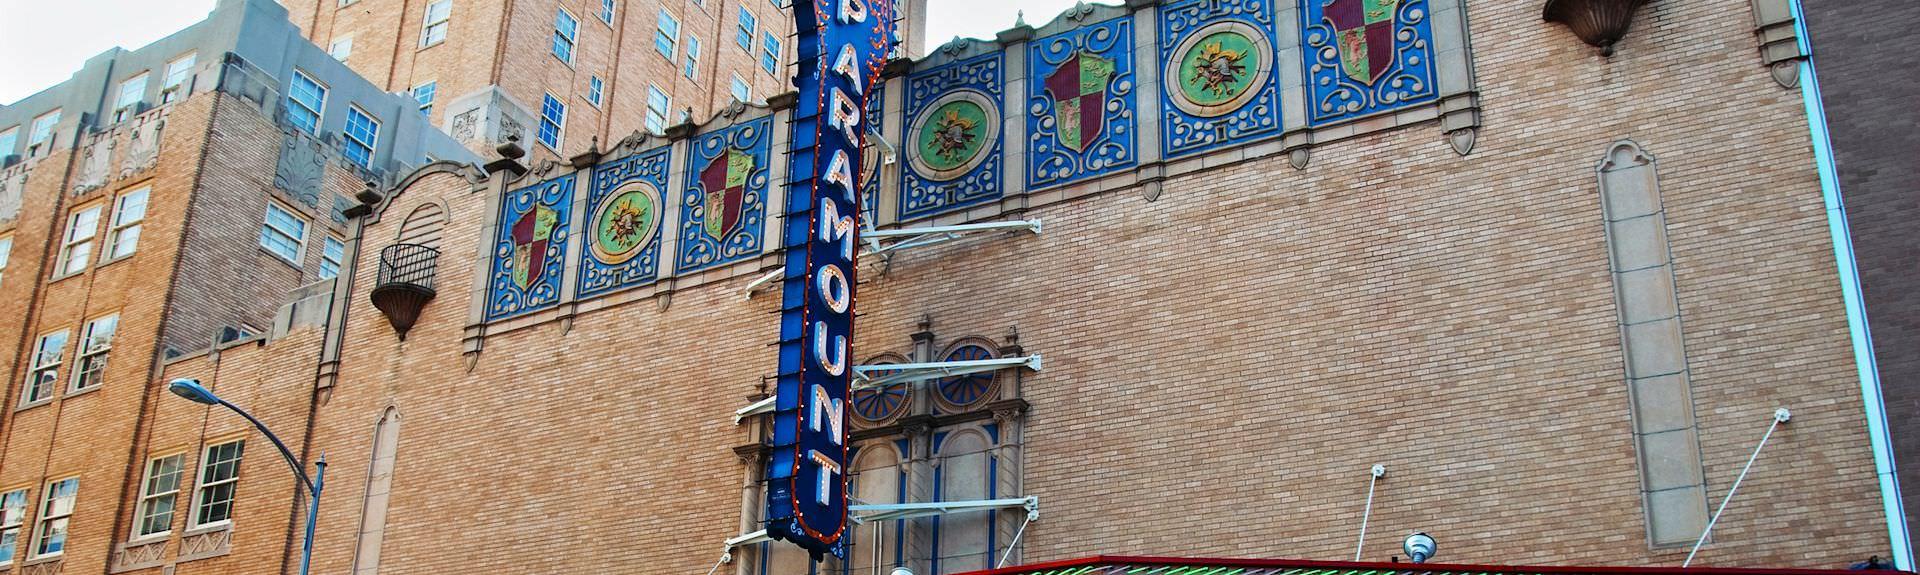 Paramount – Abilene TX